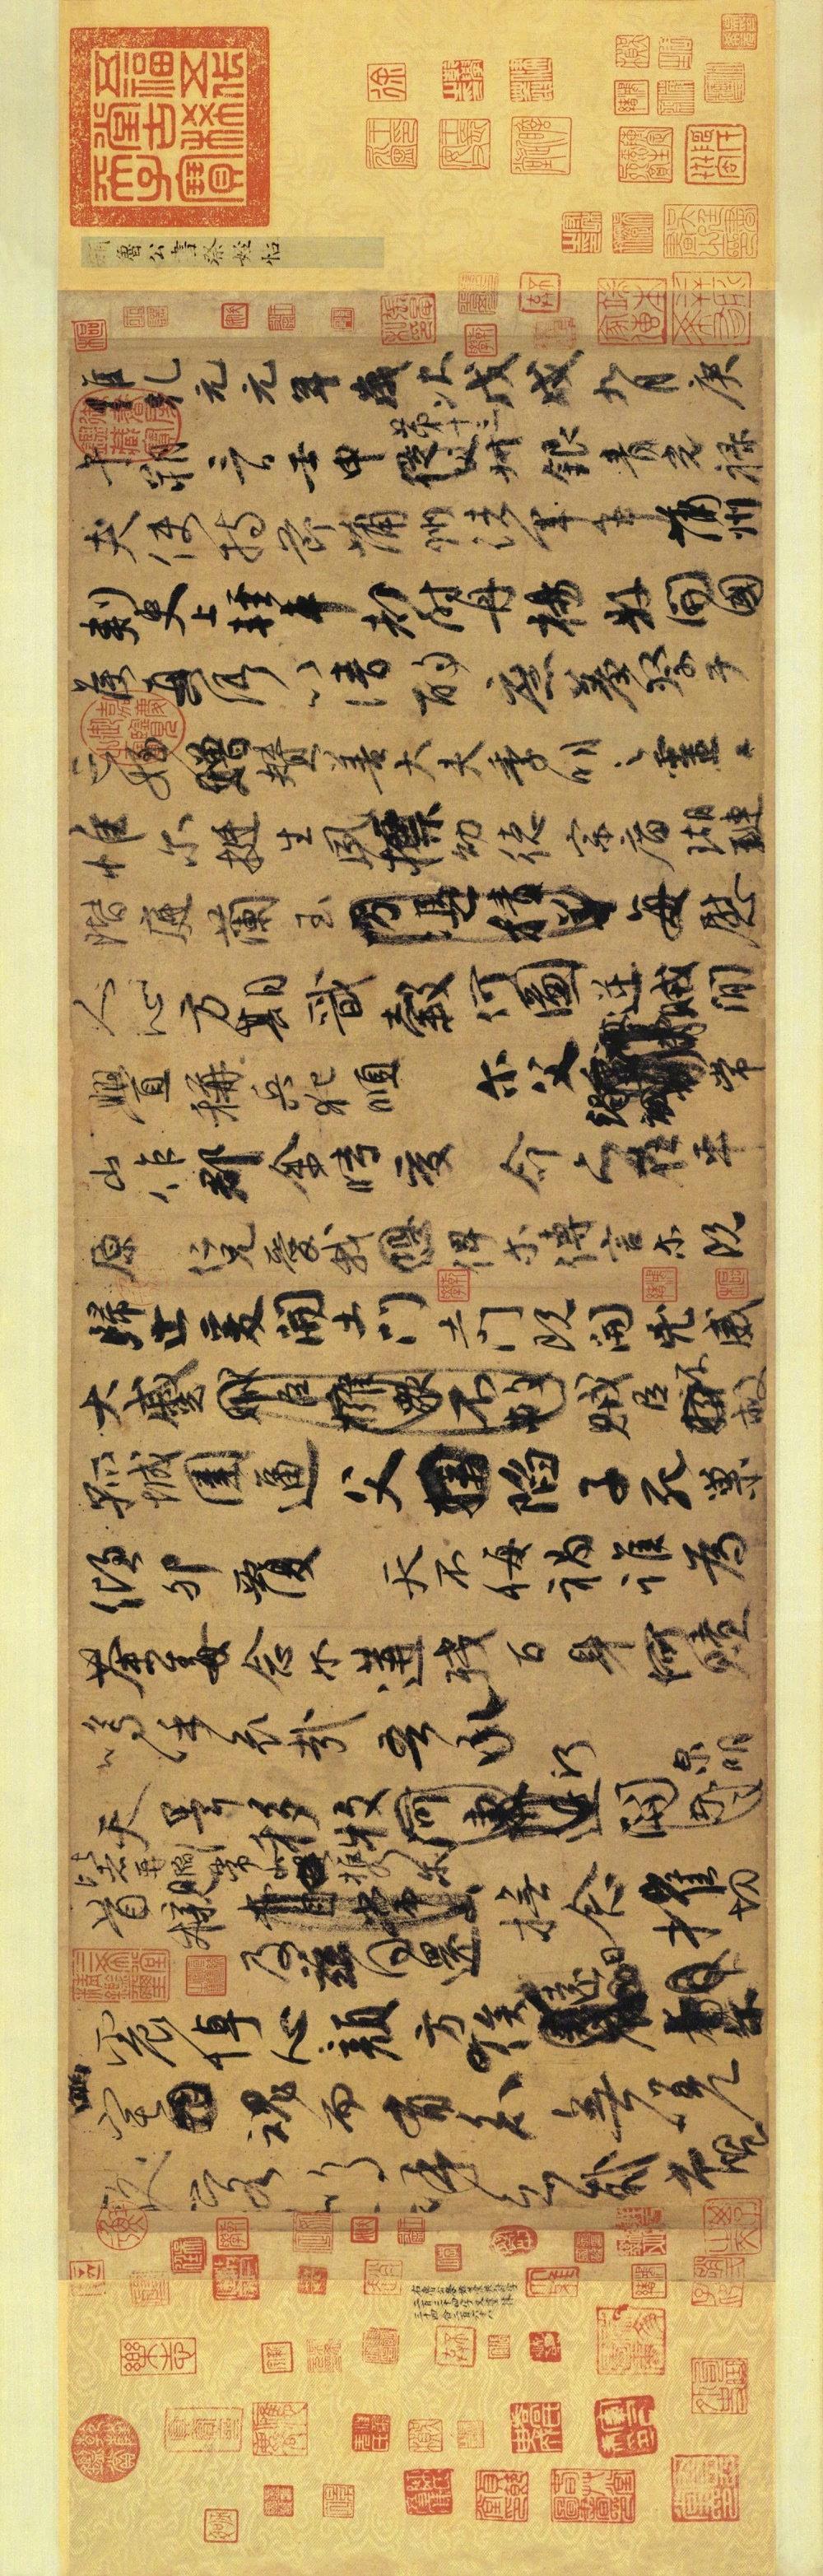 唐 颜真卿 祭侄文稿。天下第一行书是兰亭序,第二行书是祭侄文稿